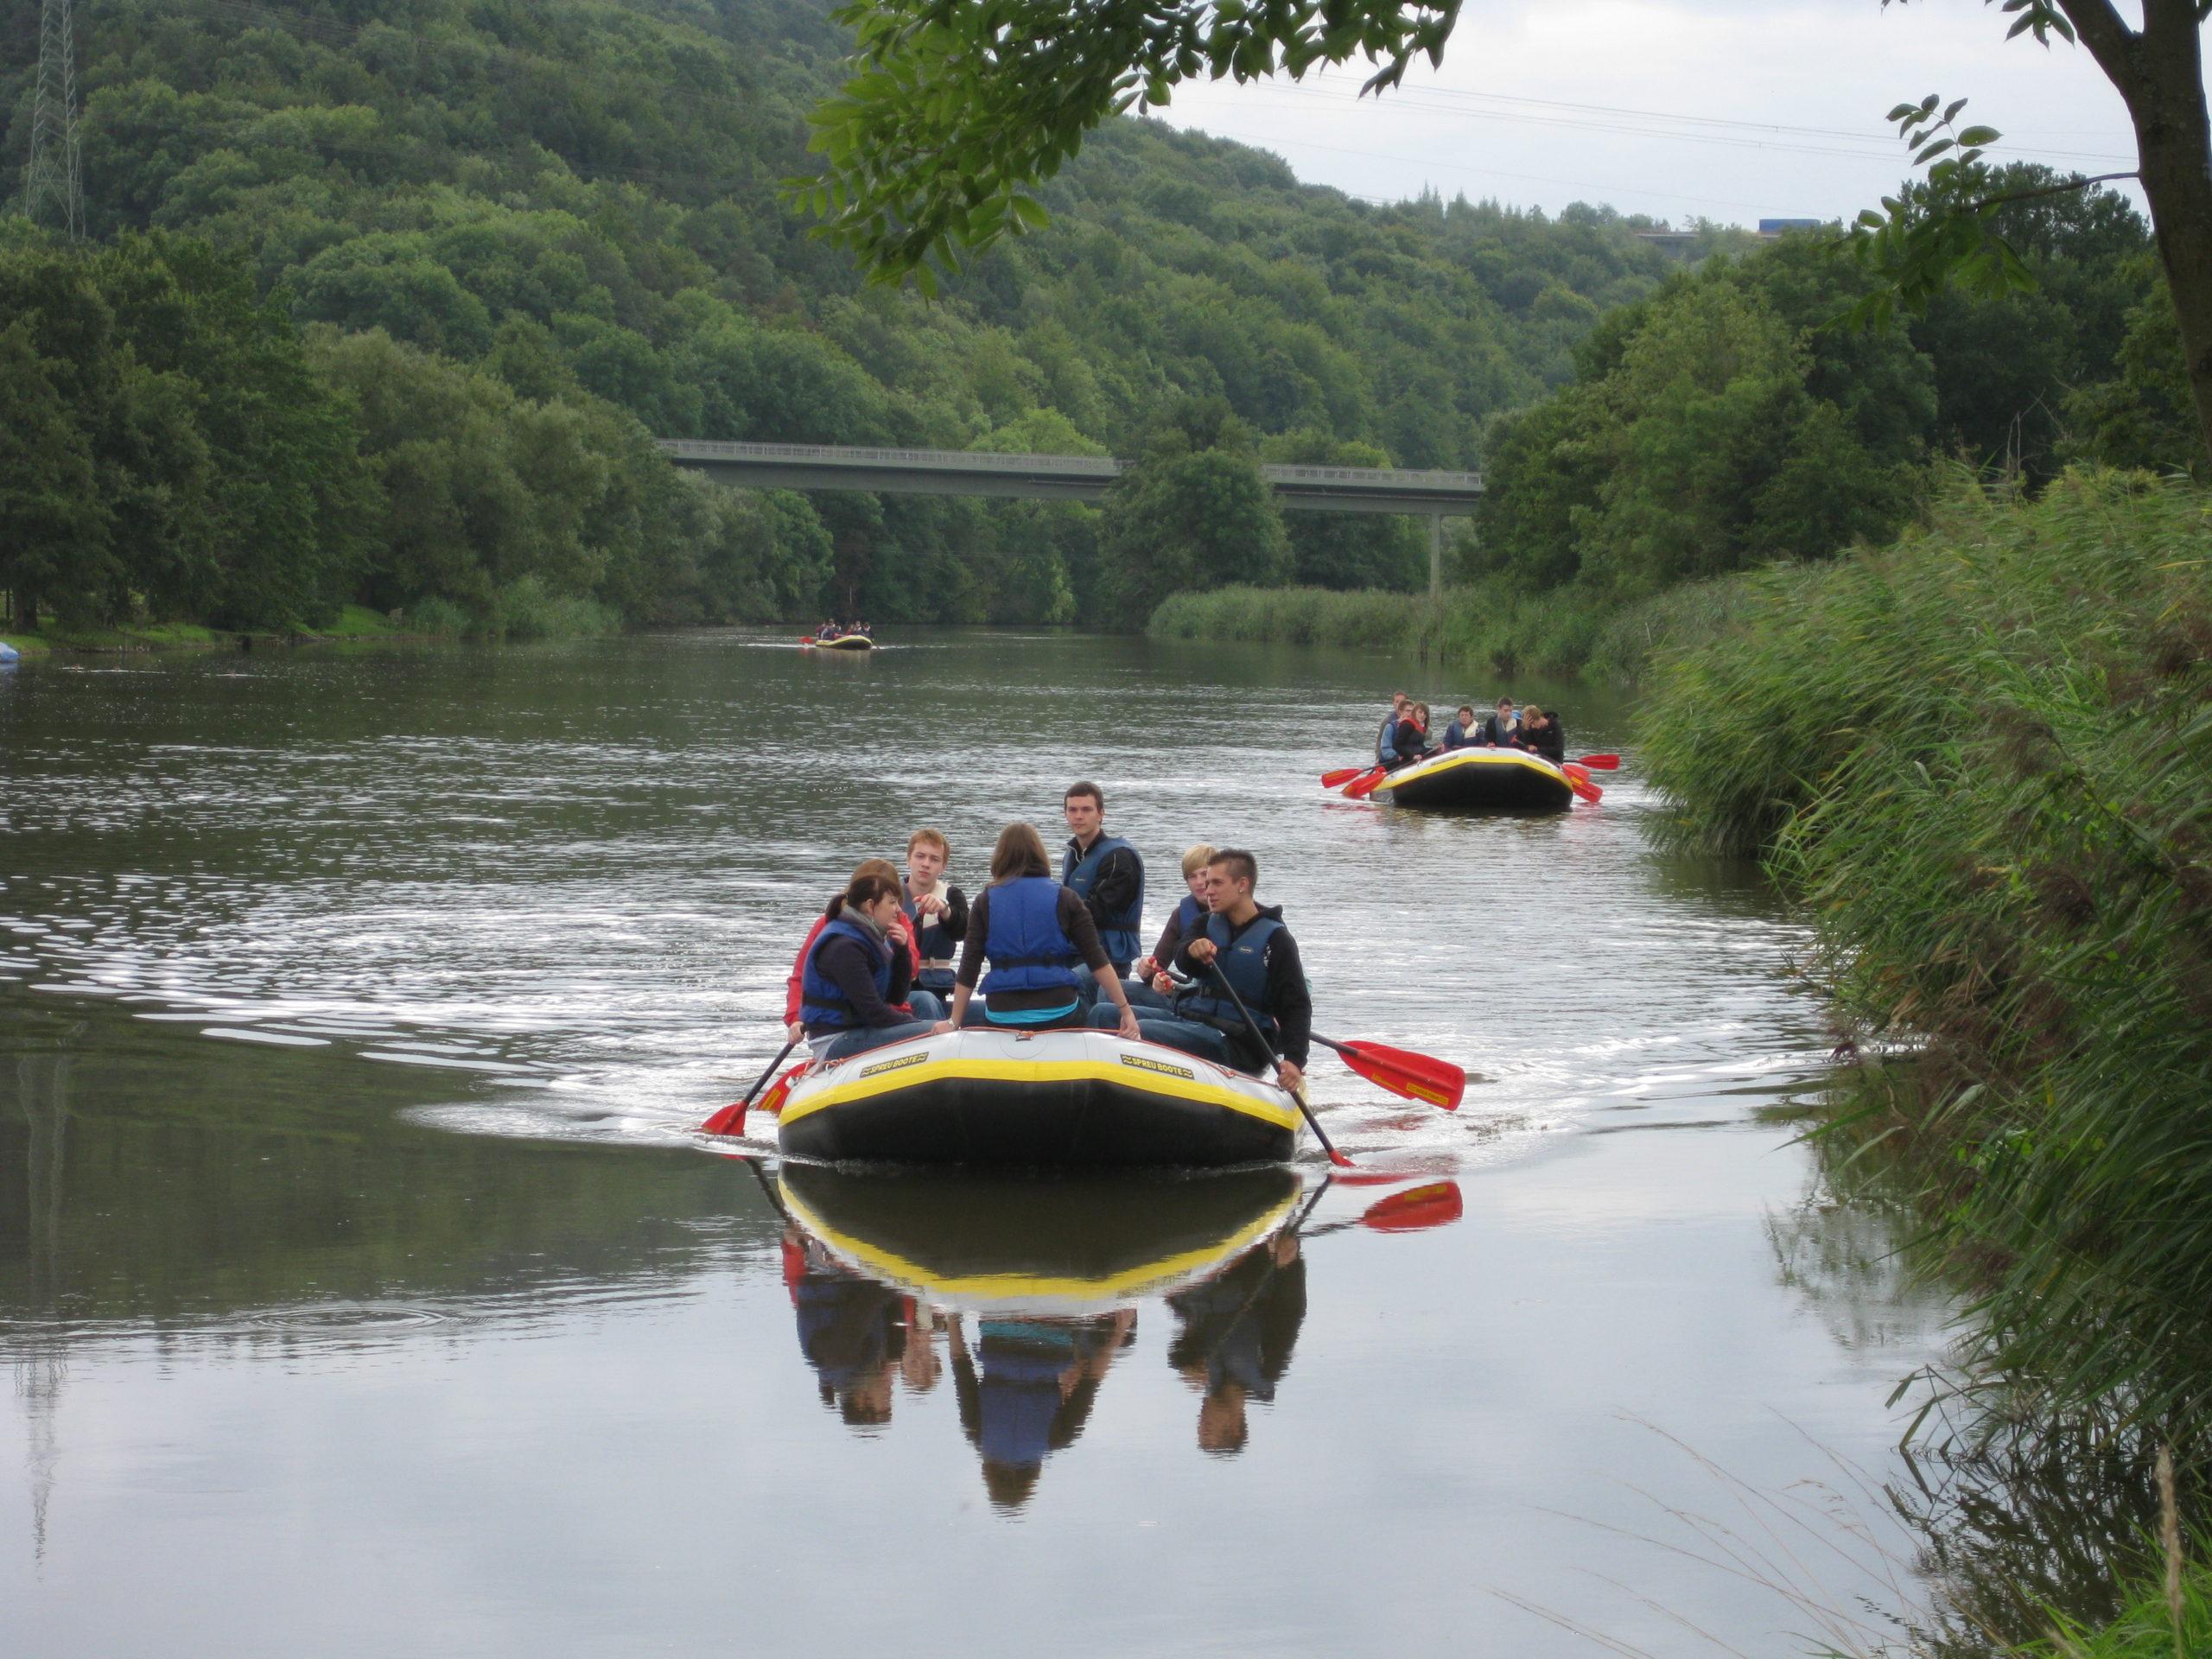 Schüler Spezial- Schulausflug mit Kanu/ Schlauchboot auf der Werra